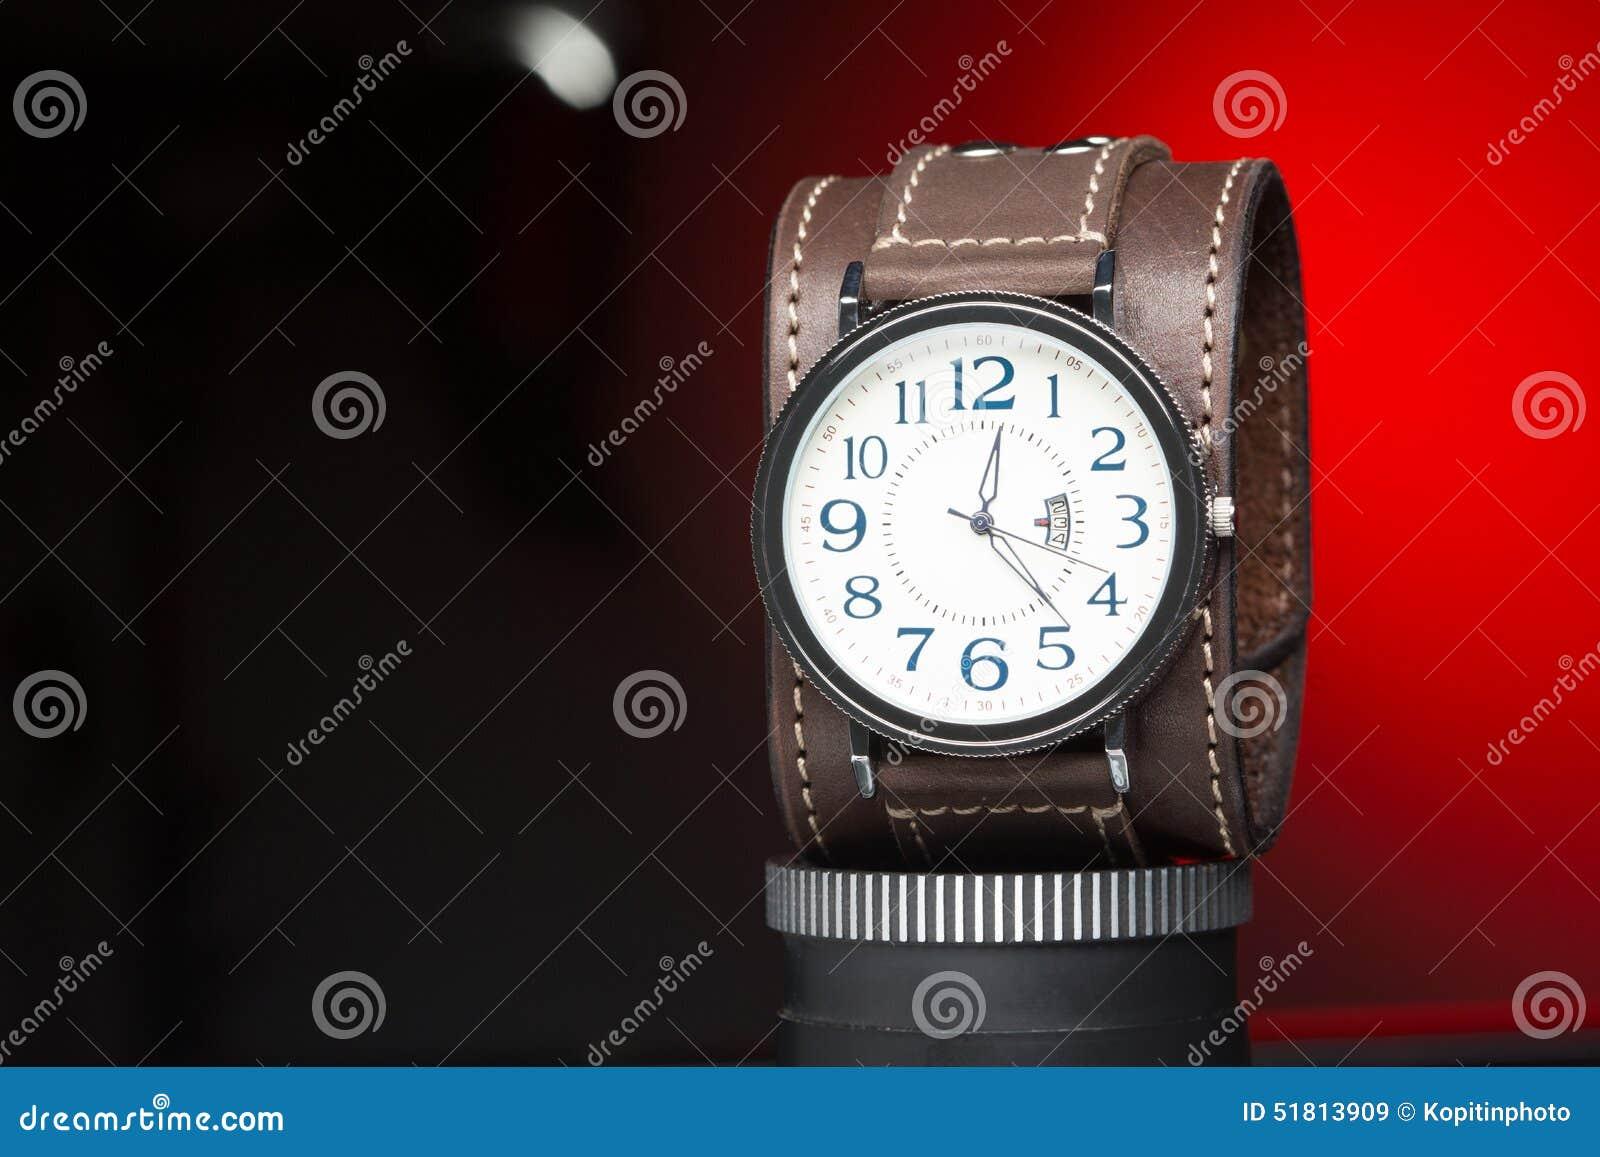 amplia selección de colores y diseños buena reputación sensación cómoda Los Relojes De Los Hombres Con La Pulsera De Cuero Ancha ...